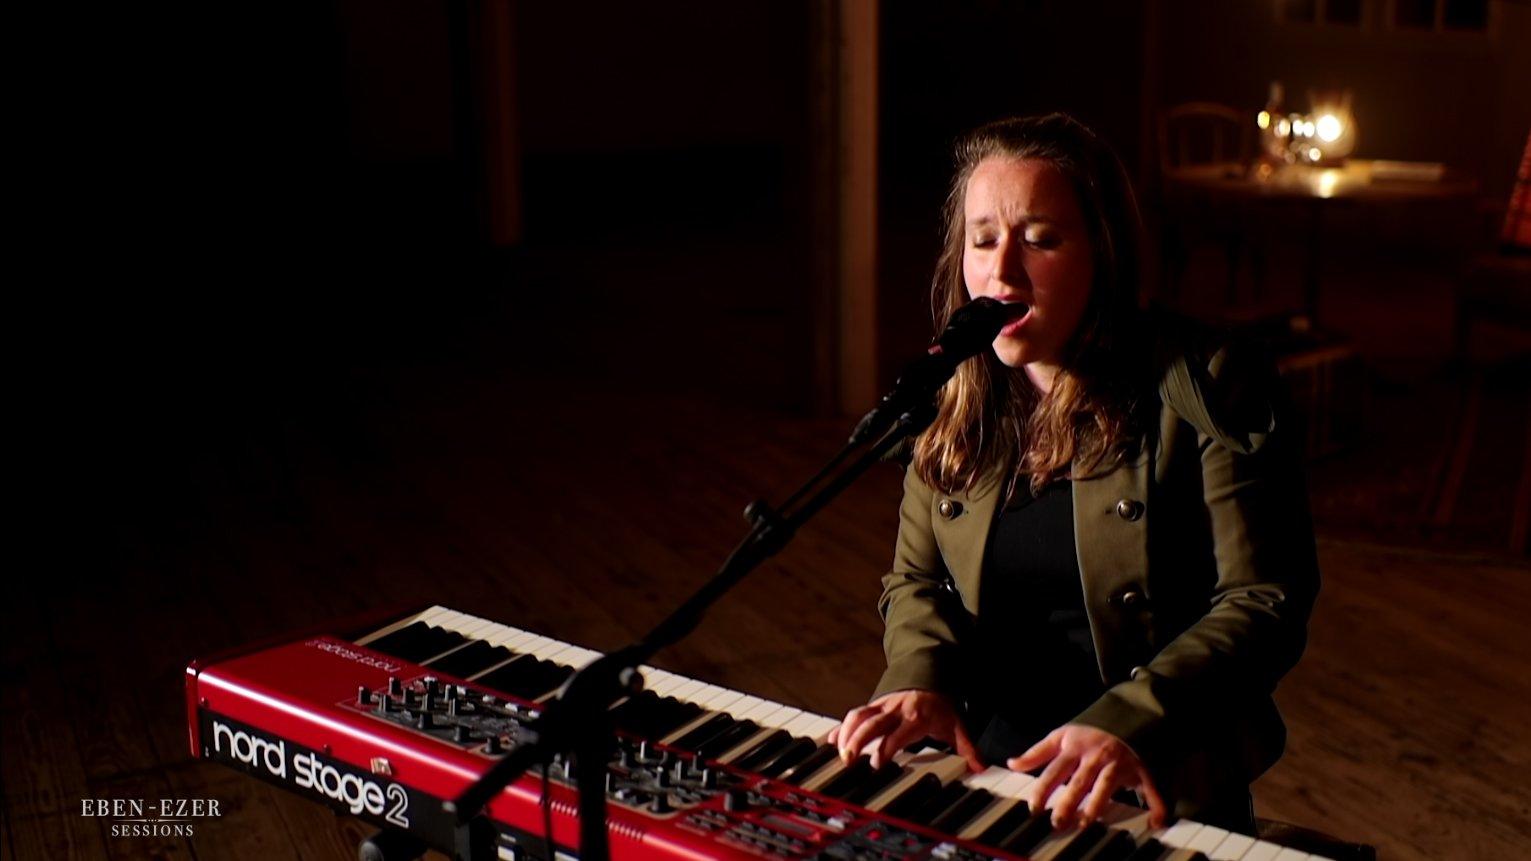 Eben-Ezer-Sessions: Mirjam Dück singt ihr Lied «Freundschaft».